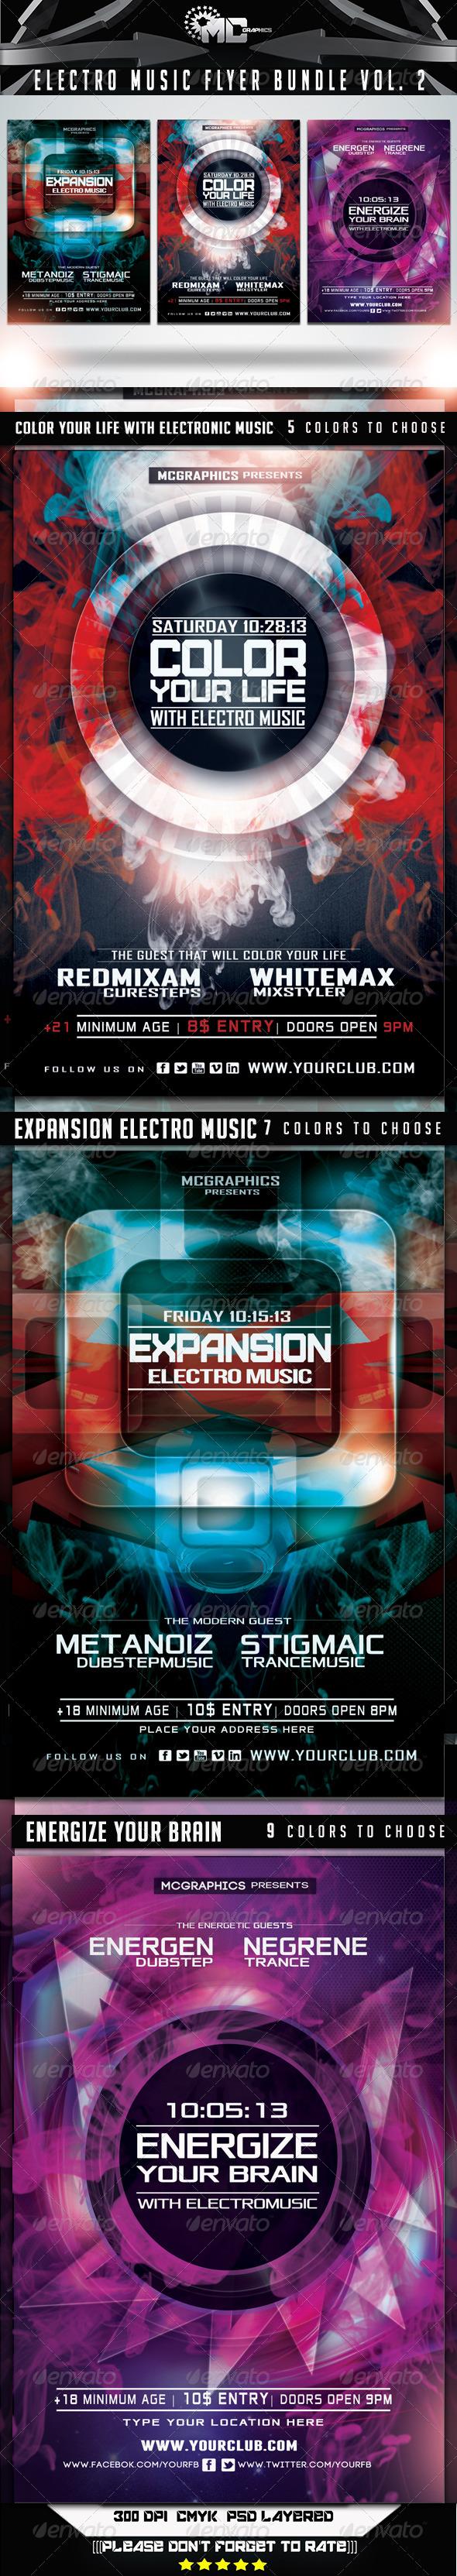 GraphicRiver Electro Music Flyer Bundle Vol 2 6898539